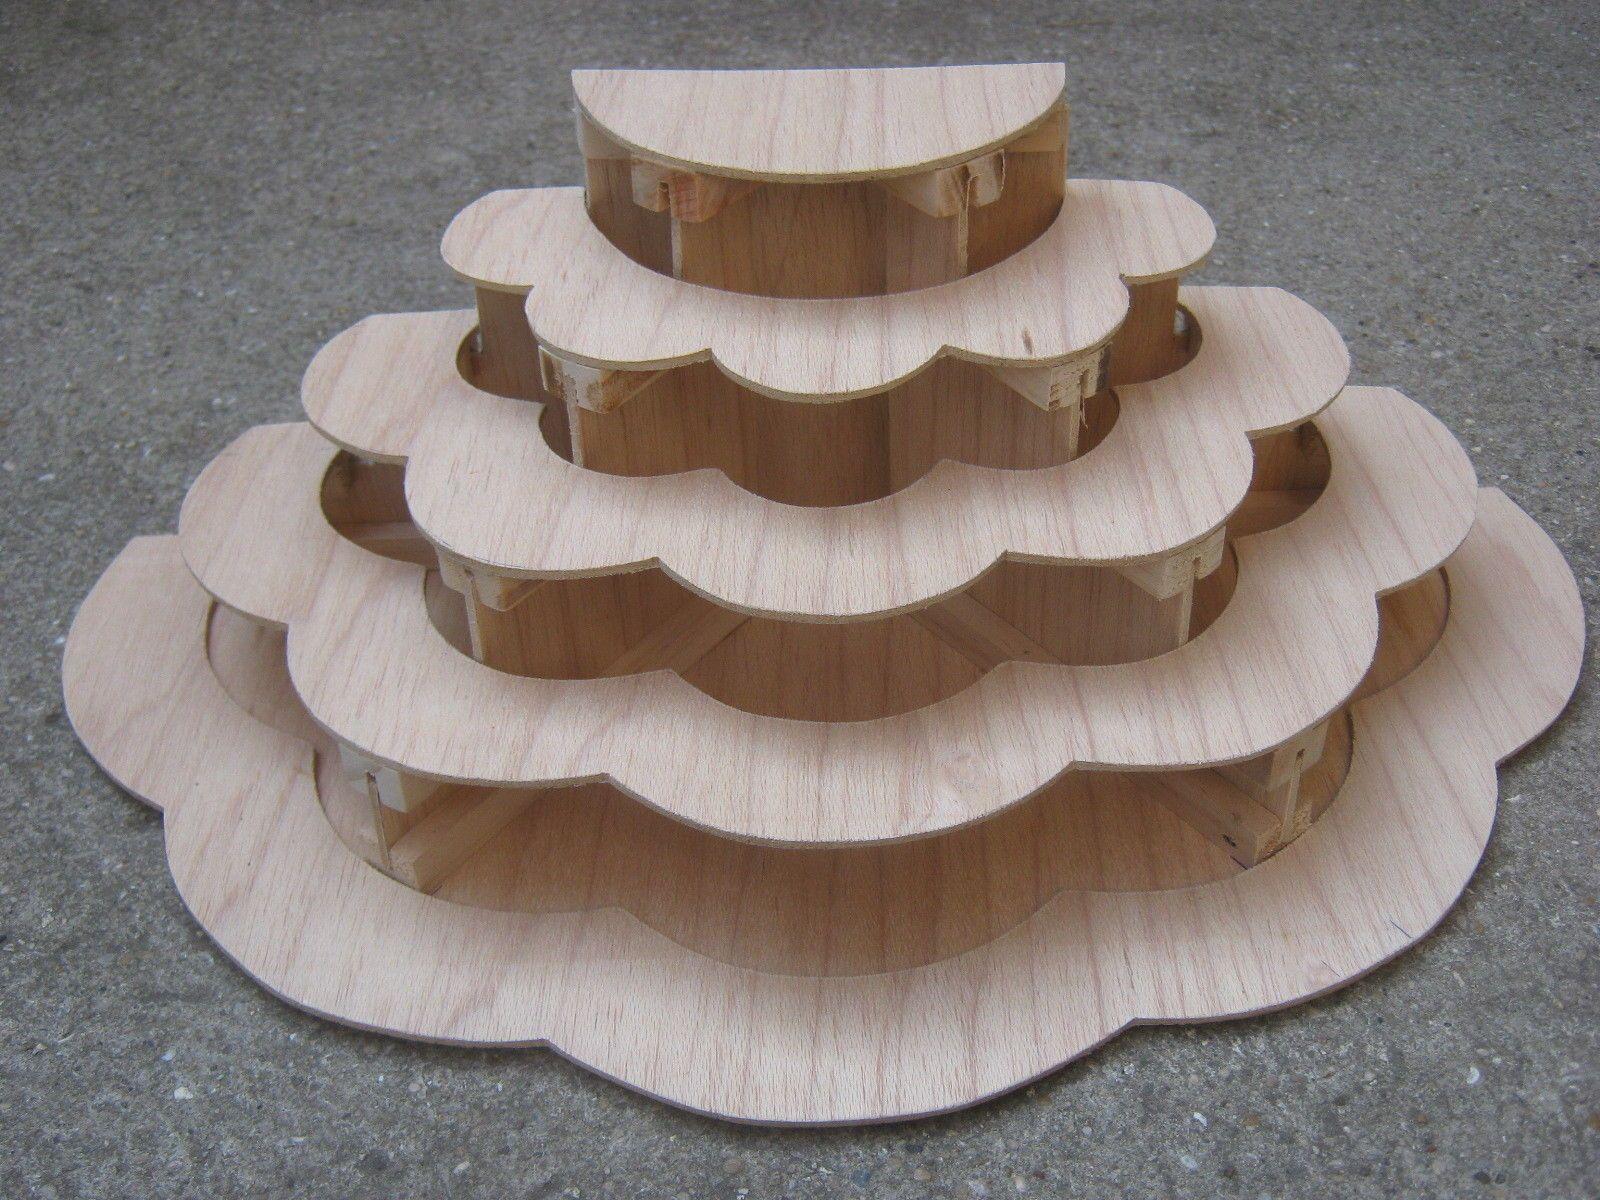 presentoir a etages etagere bois gateau porcelaine. Black Bedroom Furniture Sets. Home Design Ideas